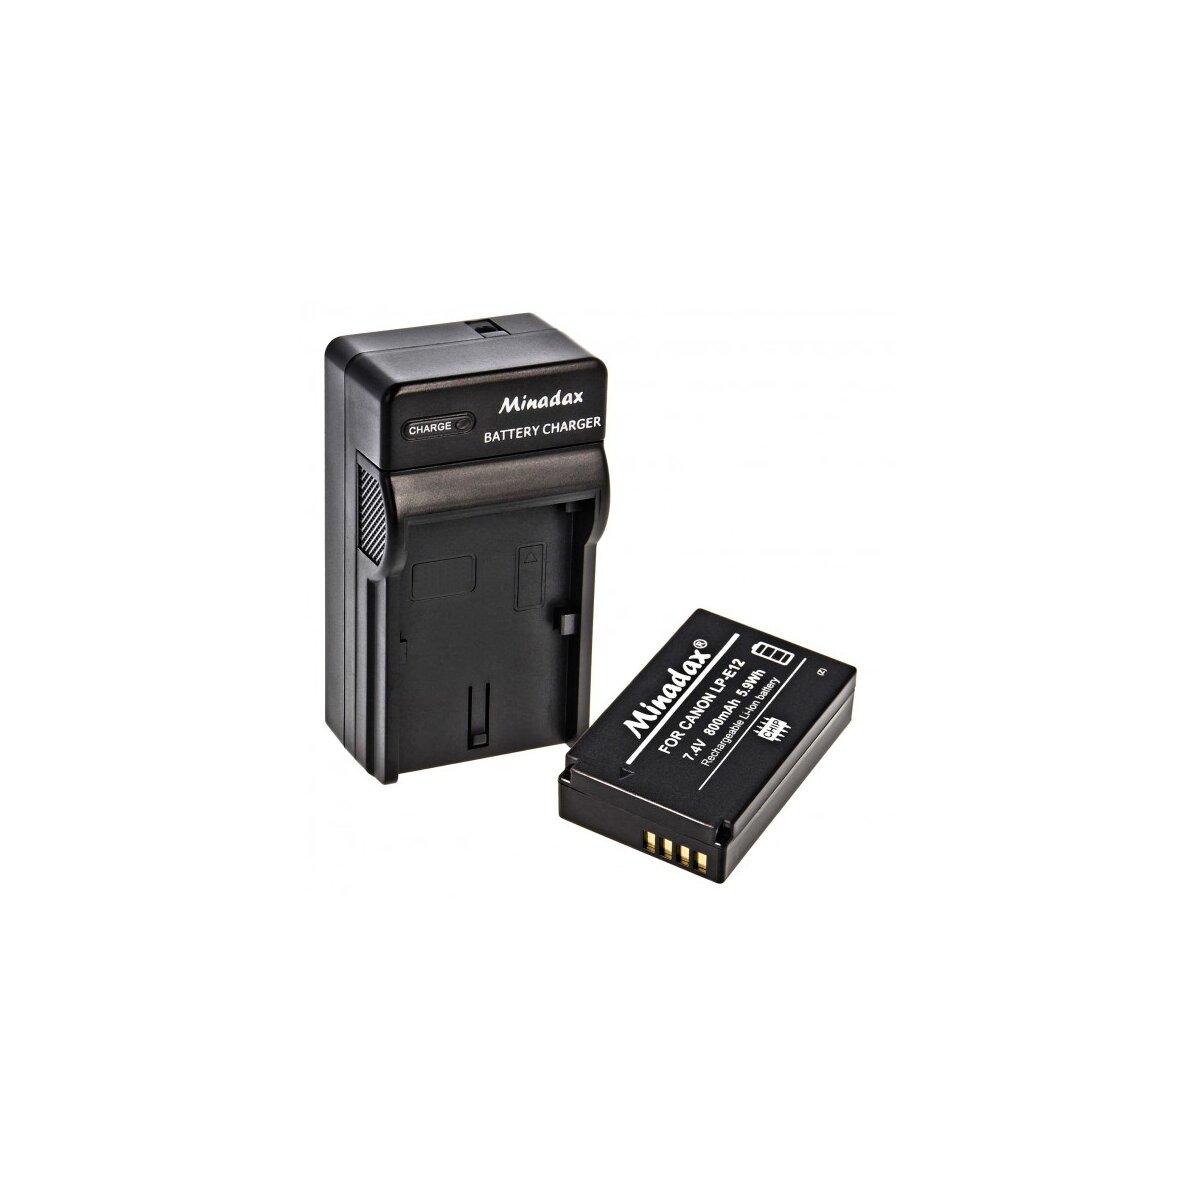 Minadax® Ladegerät 100% kompatibel mit Canon LP-E12 inkl. Auto Ladekabel, Ladeschale austauschbar + 1x Akku Ersatz für LP-E12